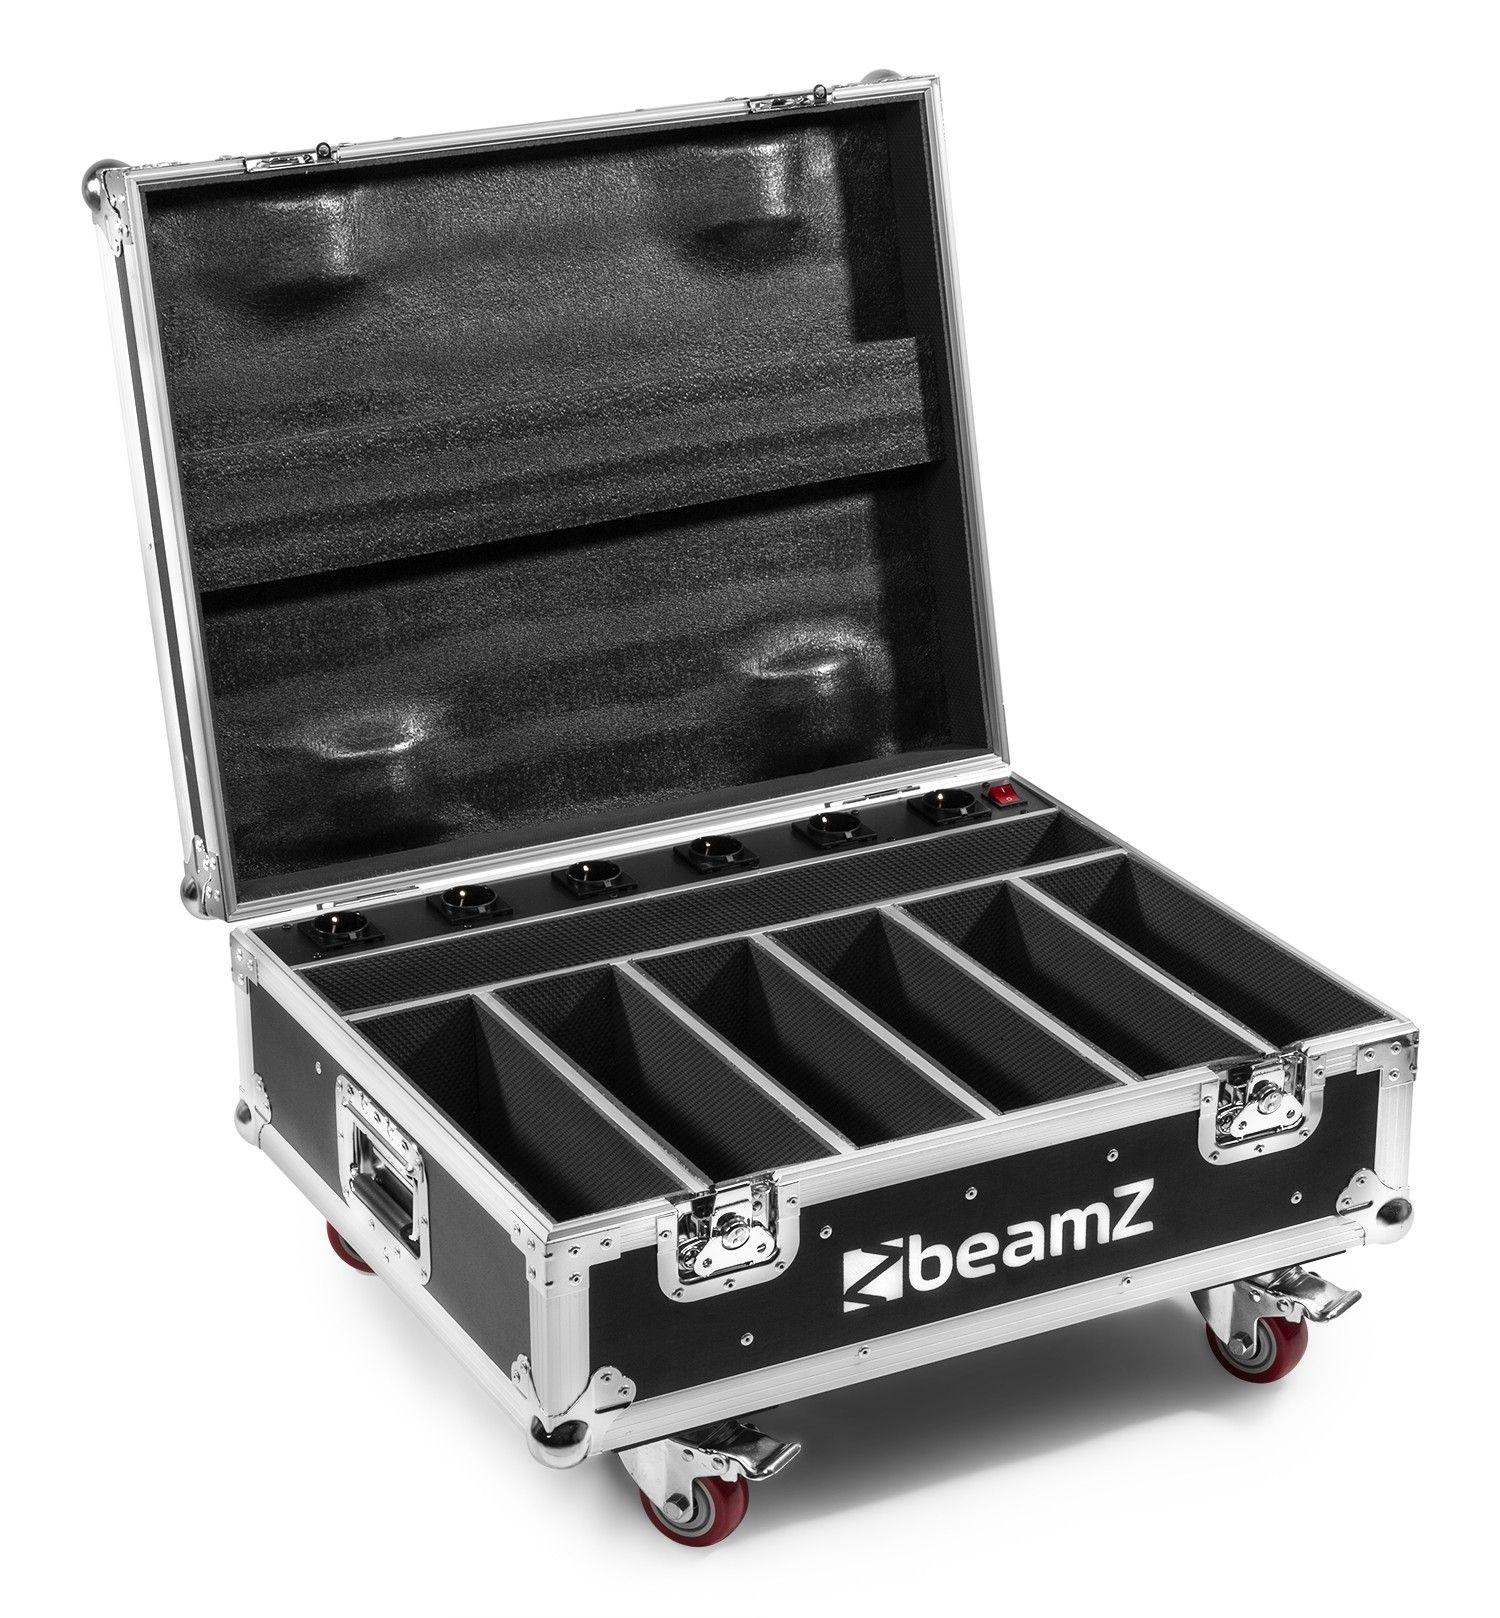 Afbeelding van BeamZ FCC12 Flightcase met oplaadfunctie voor 6 BBB612 LED BARs...